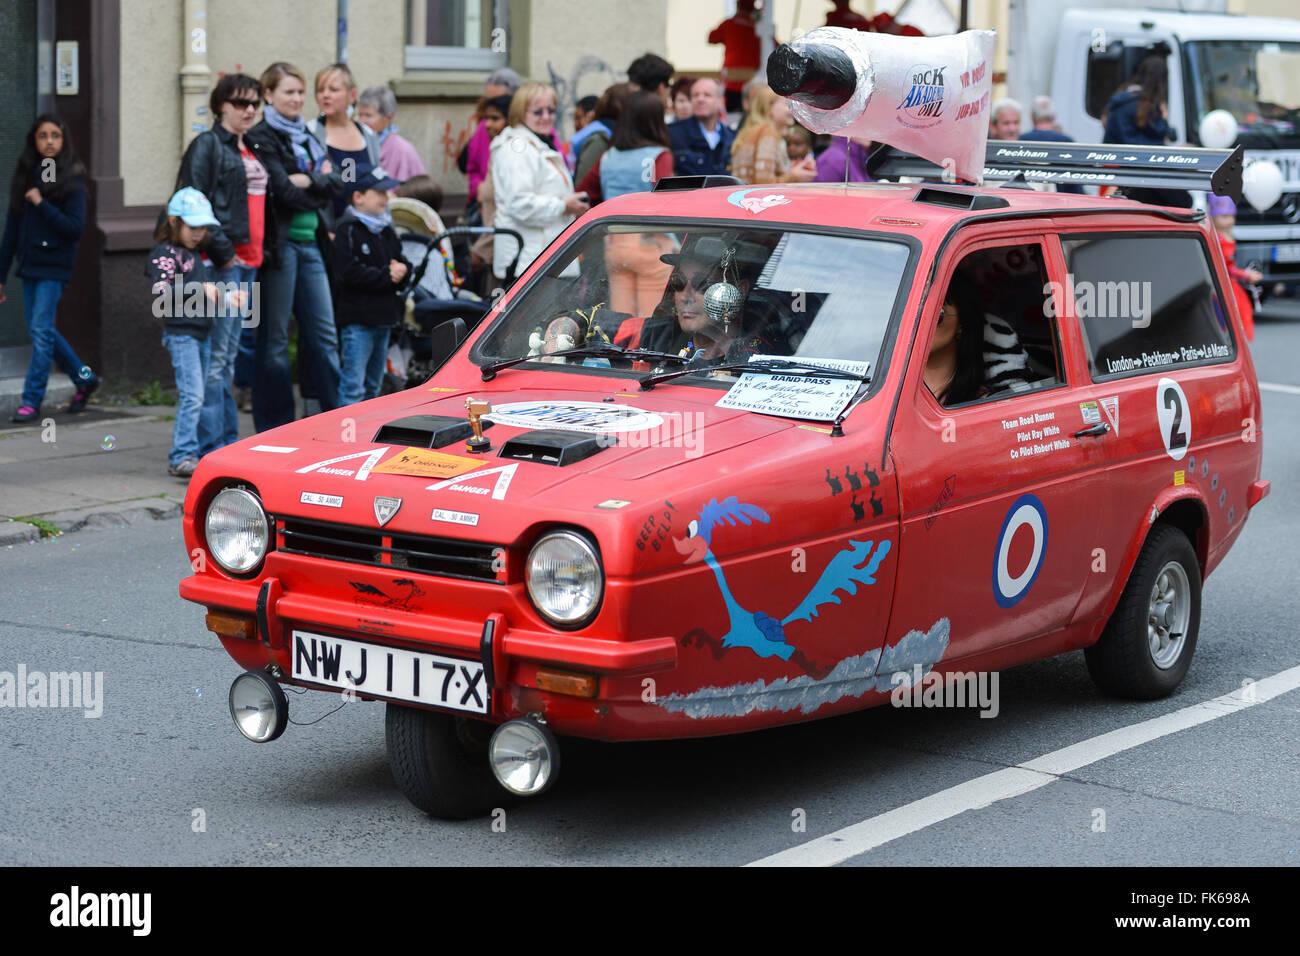 Robin angewiesen Automobil auf Deutsch Straßenjahrmarkt Stockbild